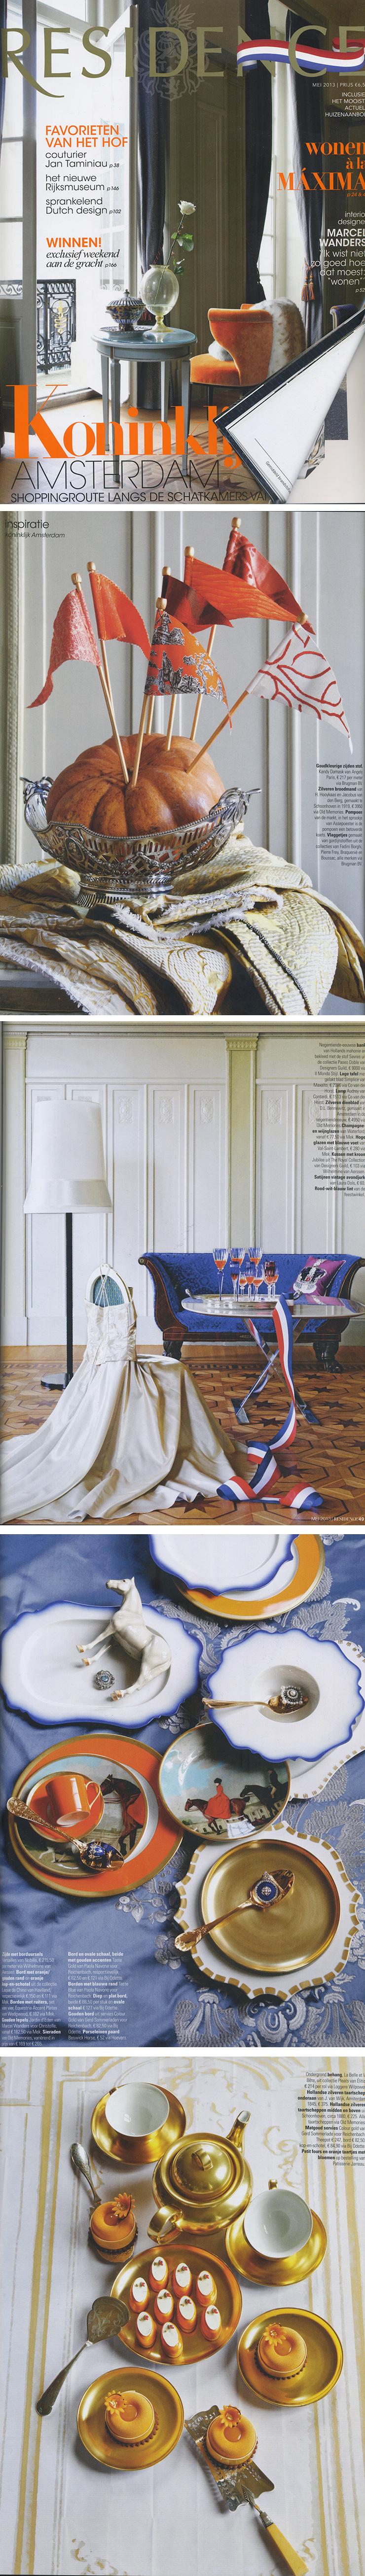 Het Zilverwerk van Zilver.nl in het glossy magazine de Residence